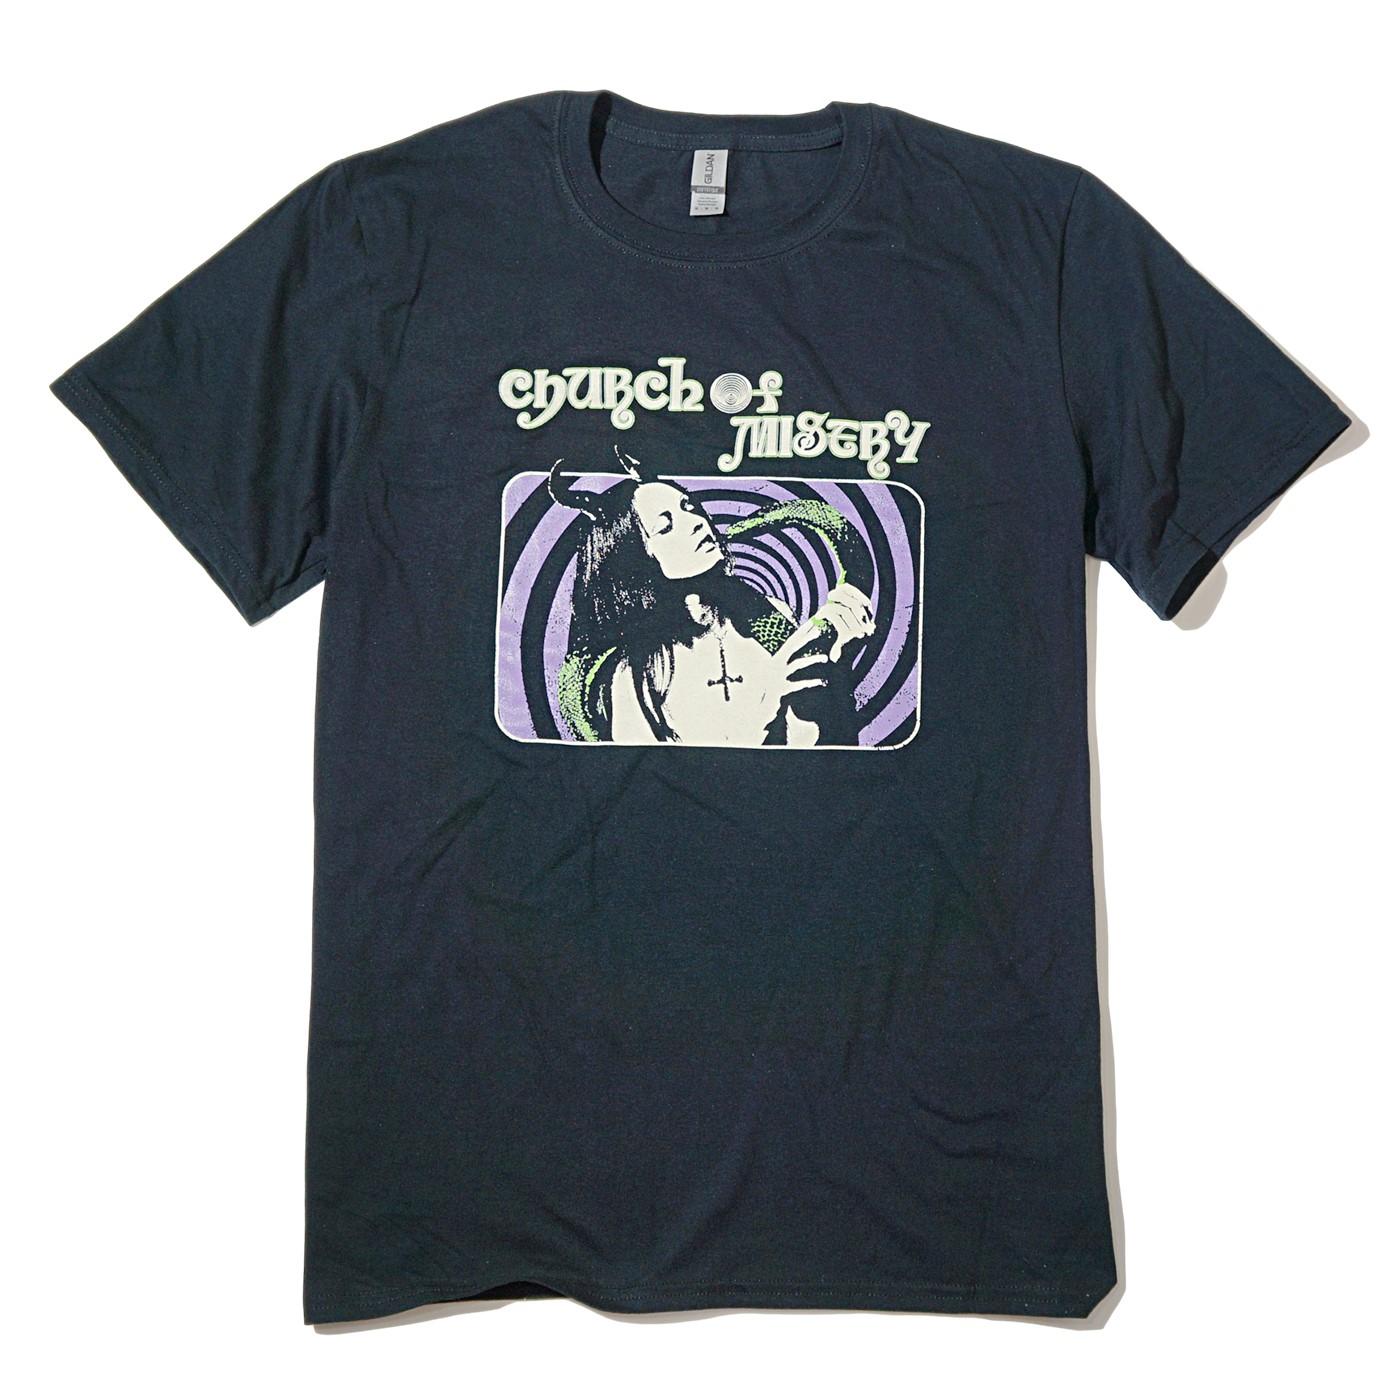 CHURCH OF MISERY Tシャツ Snake Girl-Black